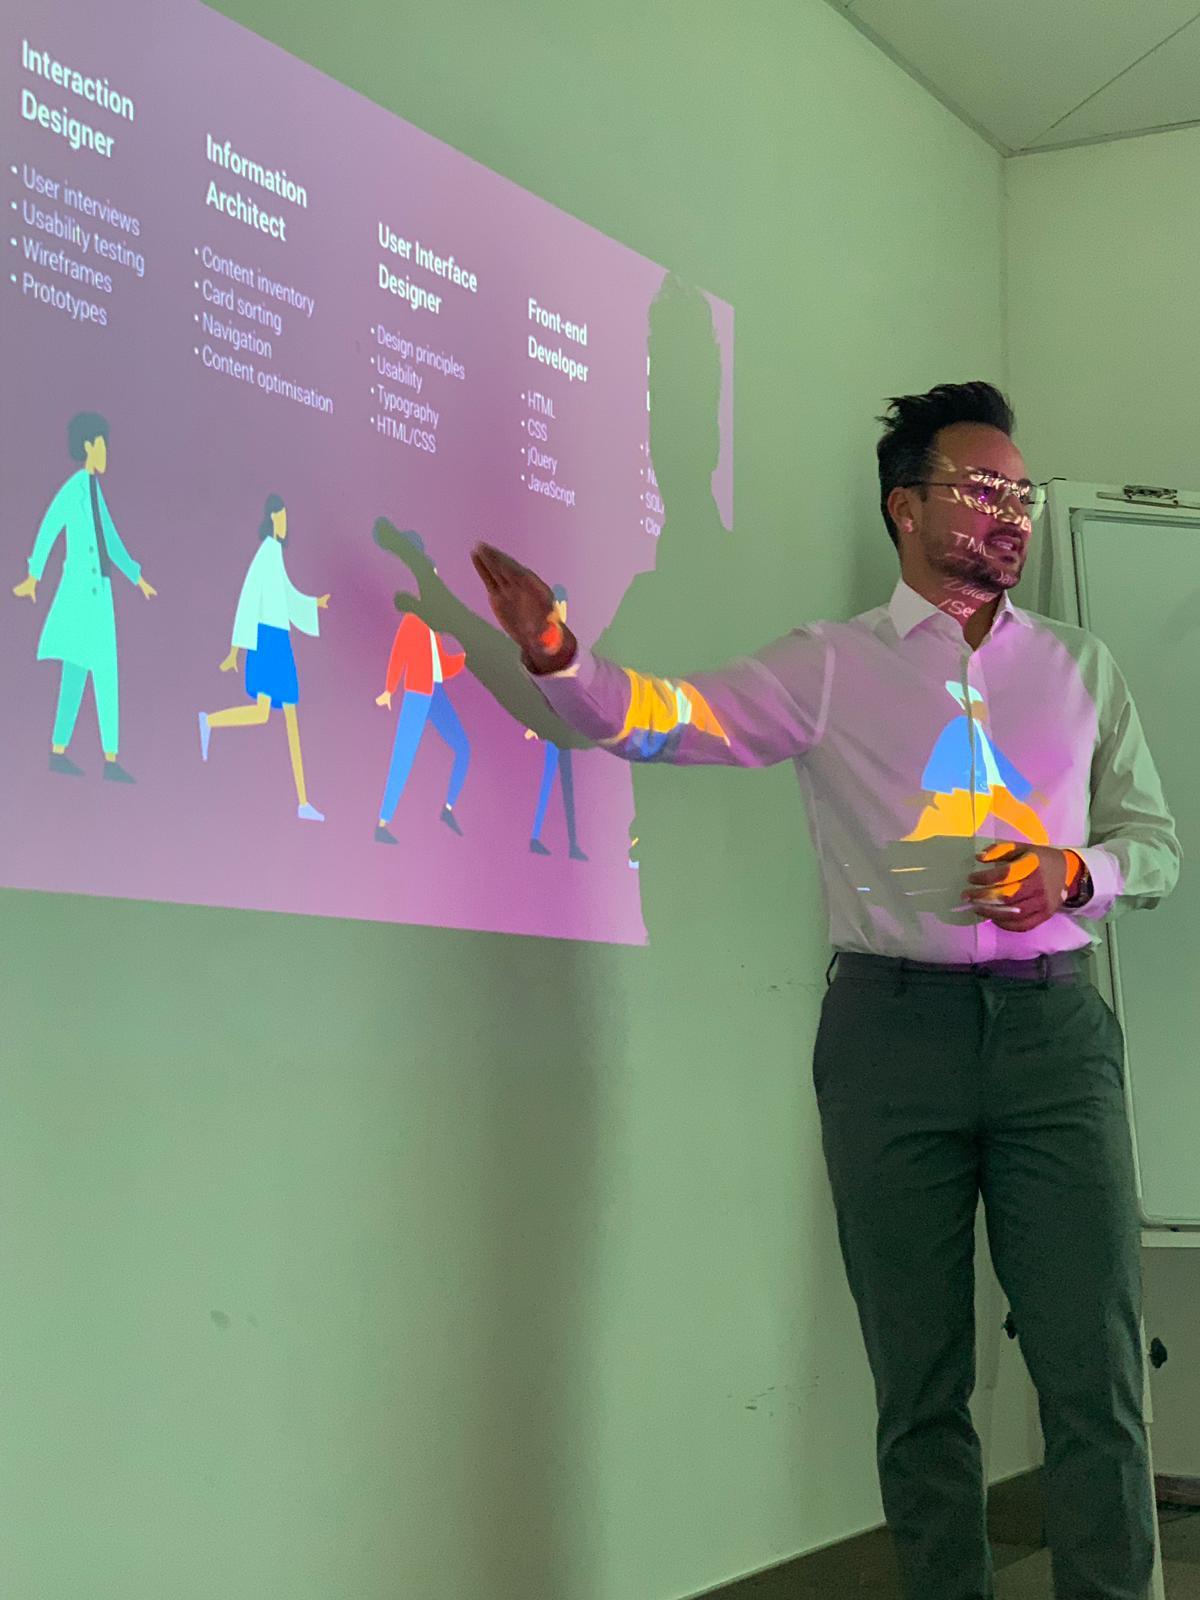 UX Workshop, Bahrain